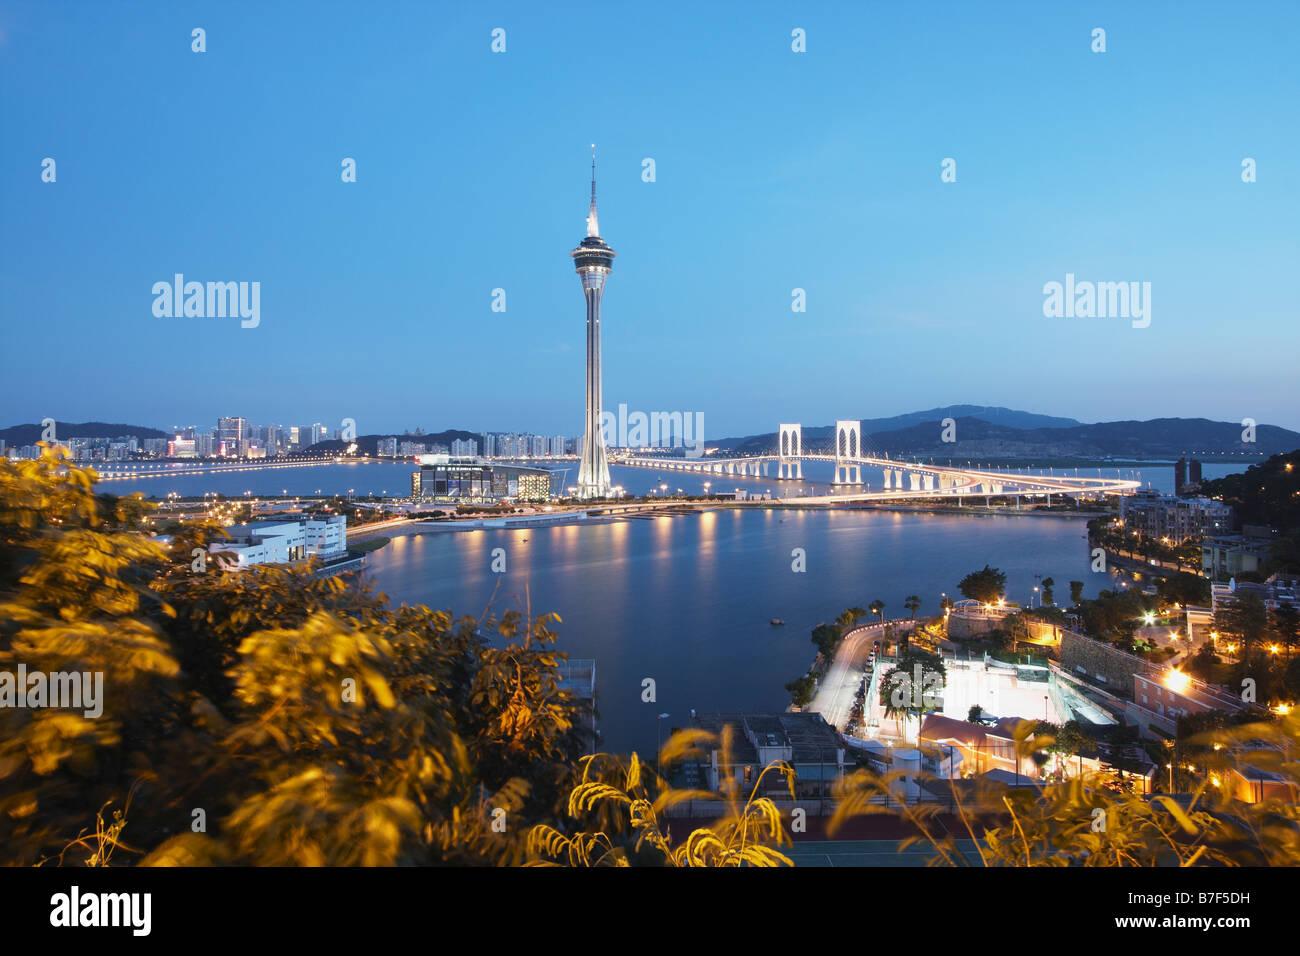 Torre di Macau al crepuscolo, Macao Immagini Stock